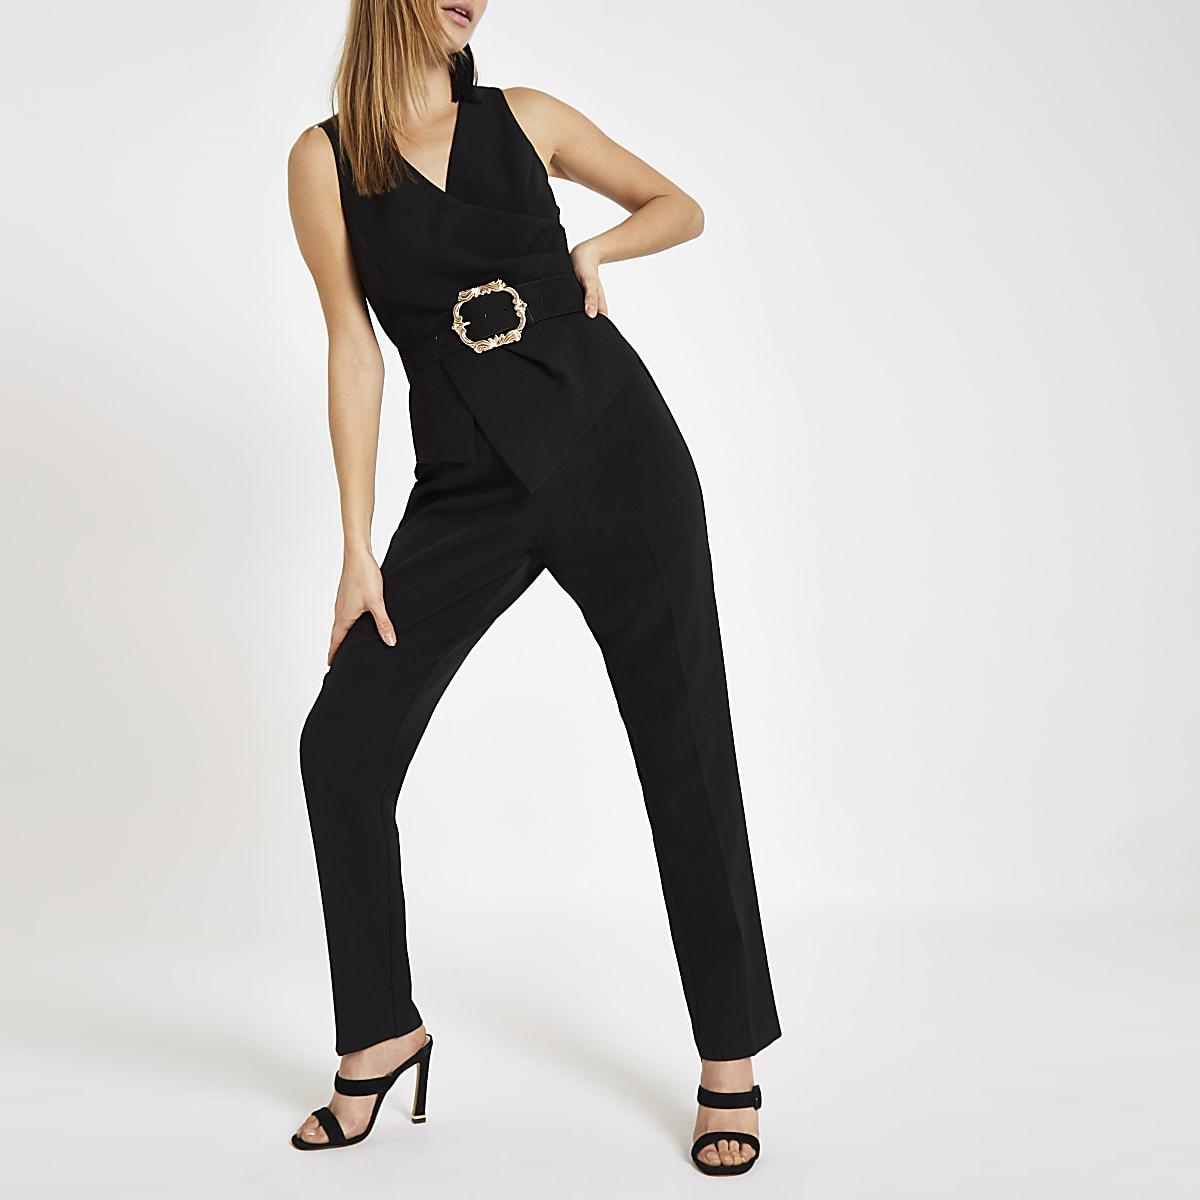 Zwarte jumpsuit met overslag voor en smaltoelopende pijpen